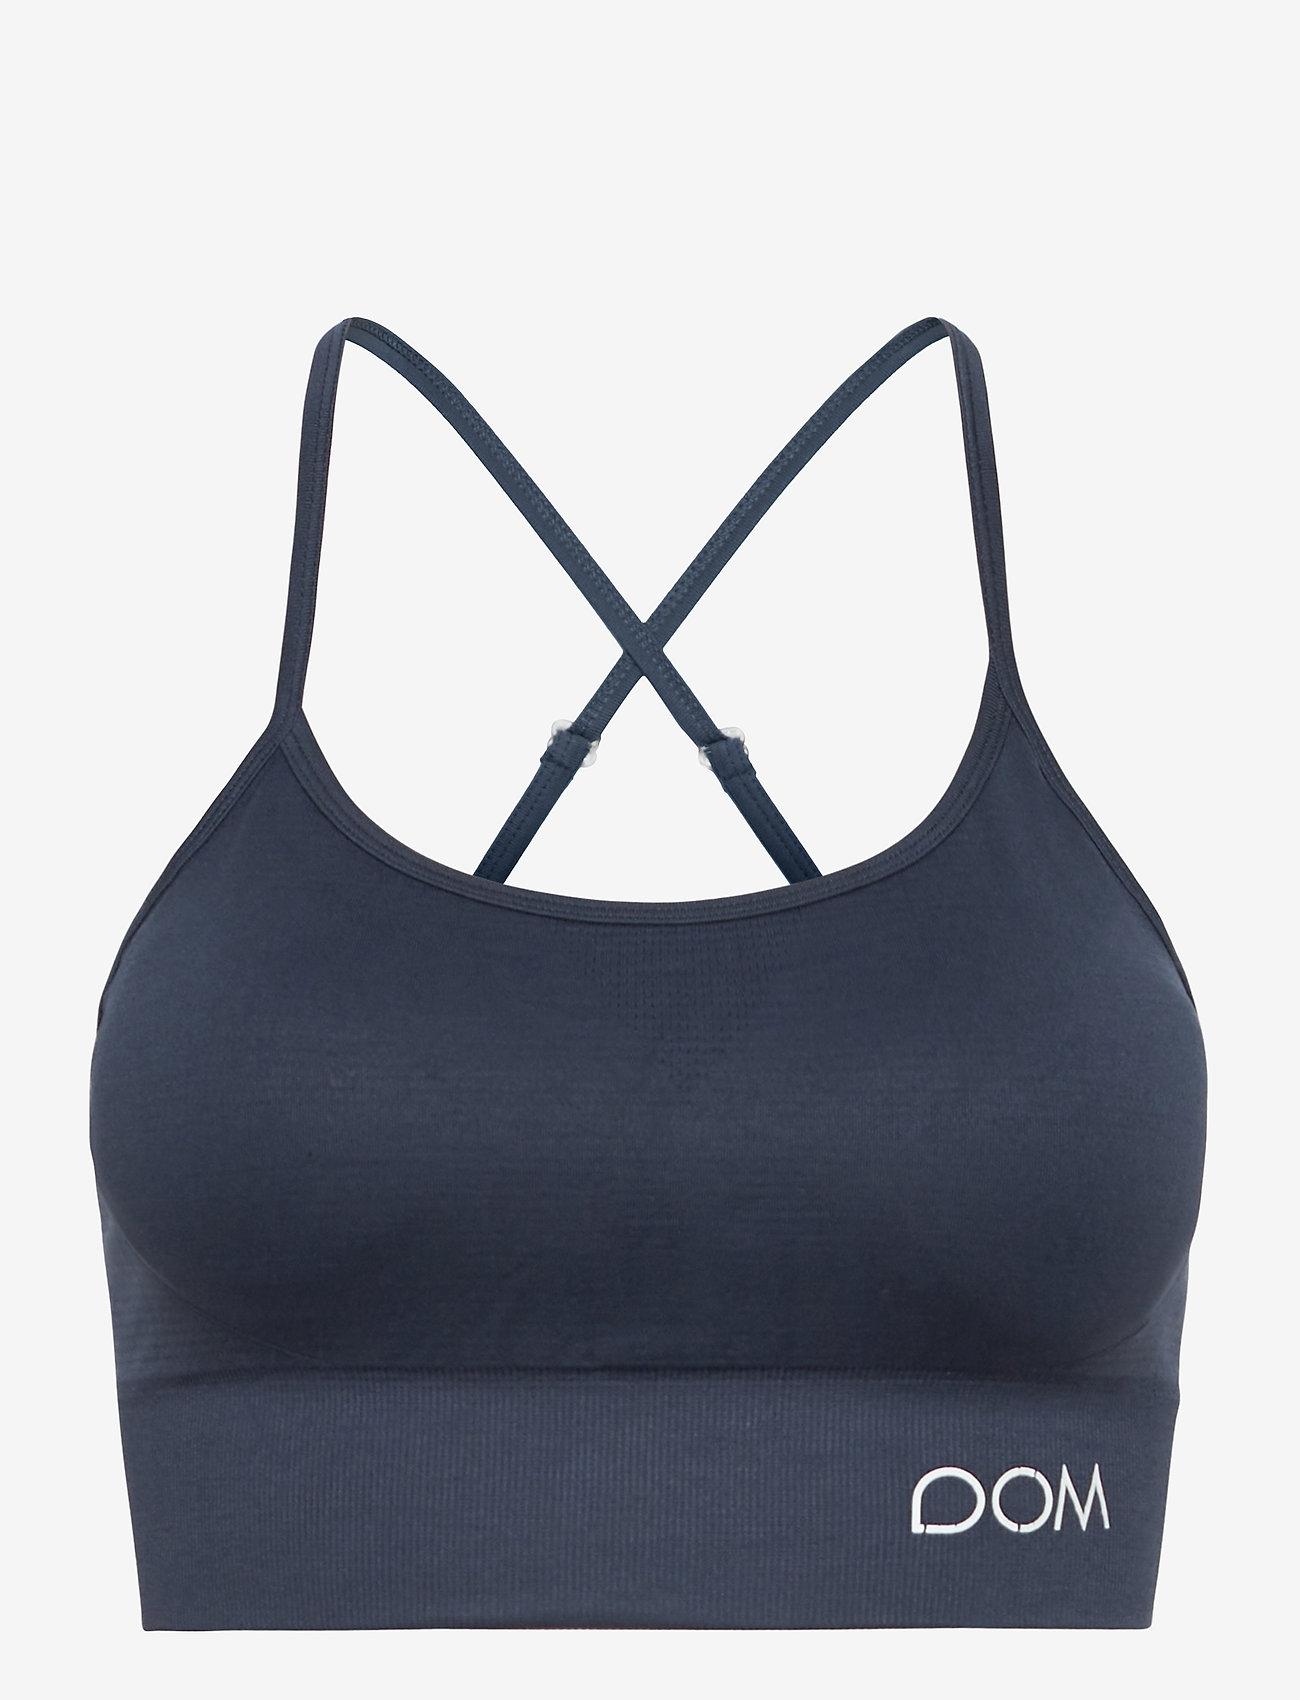 Drop of Mindfulness - TRINITY - sport bras: low - dark blue - 1